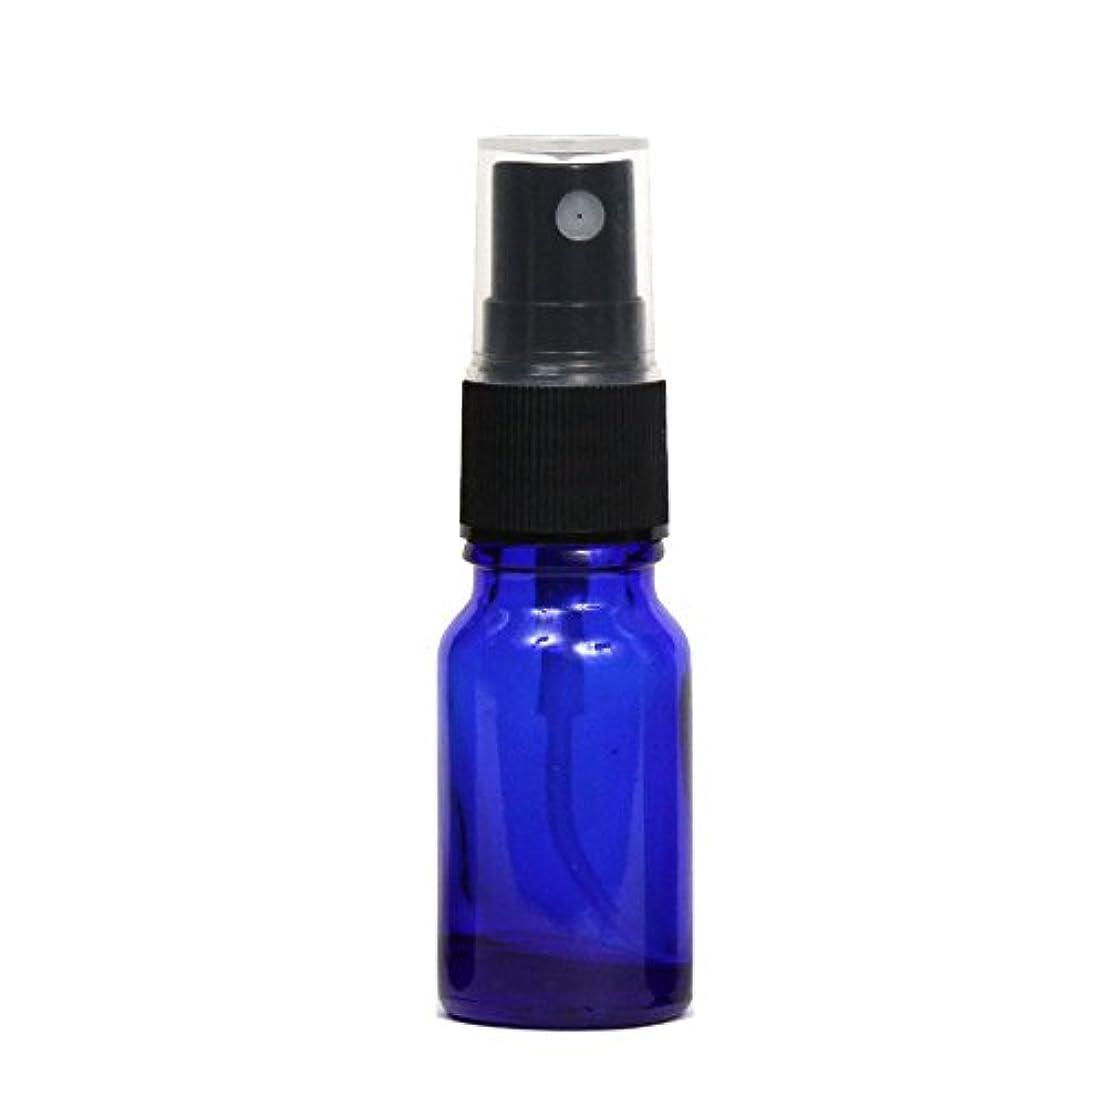 クローゼット些細エアコンスプレーボトル ガラス瓶 10mL 遮光性ブルー ガラスアトマイザー 空容器